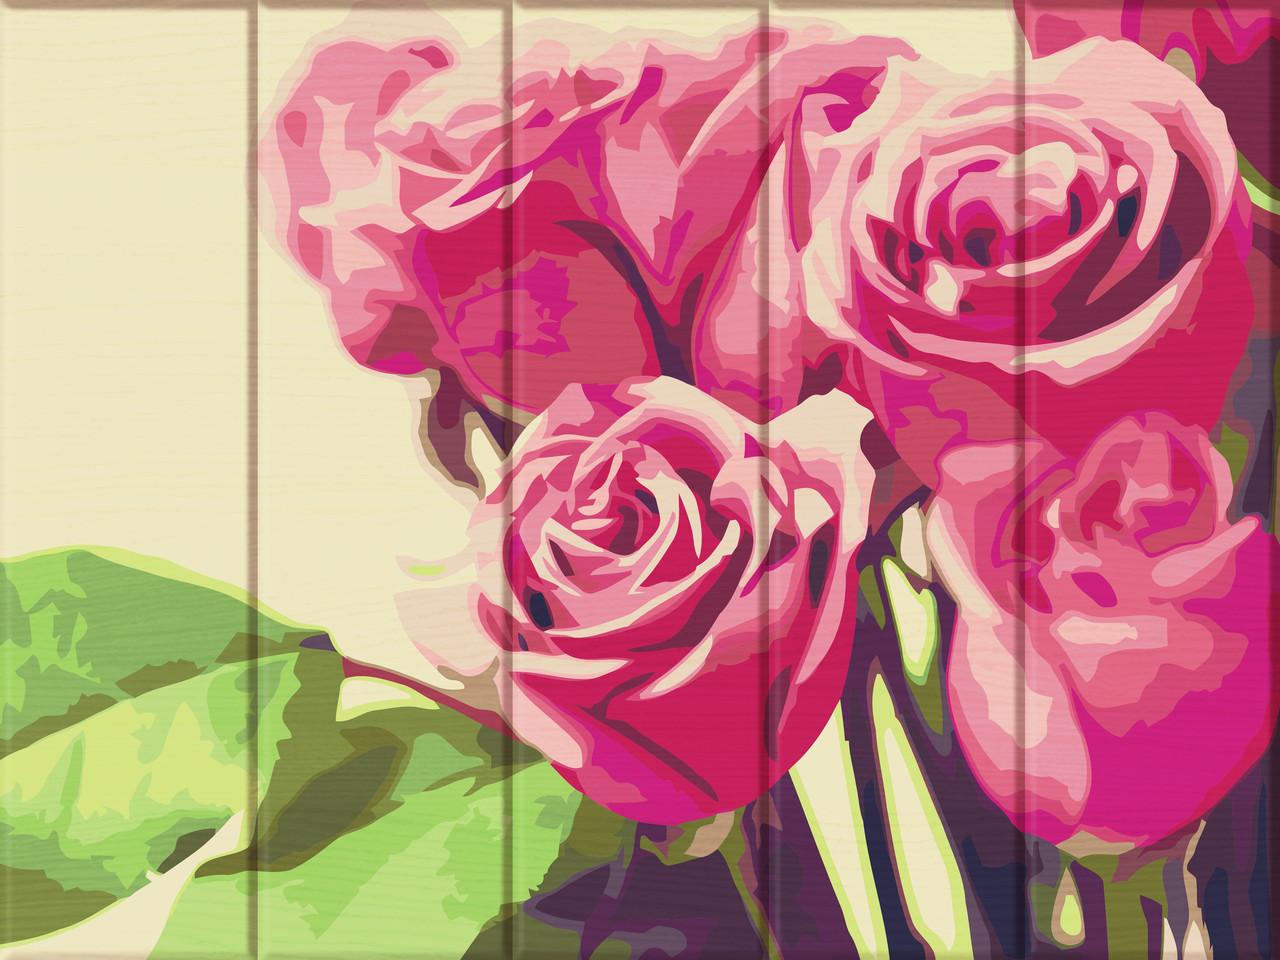 Картина по номерам на дереве ArtStory Розовые розы 30*40 см